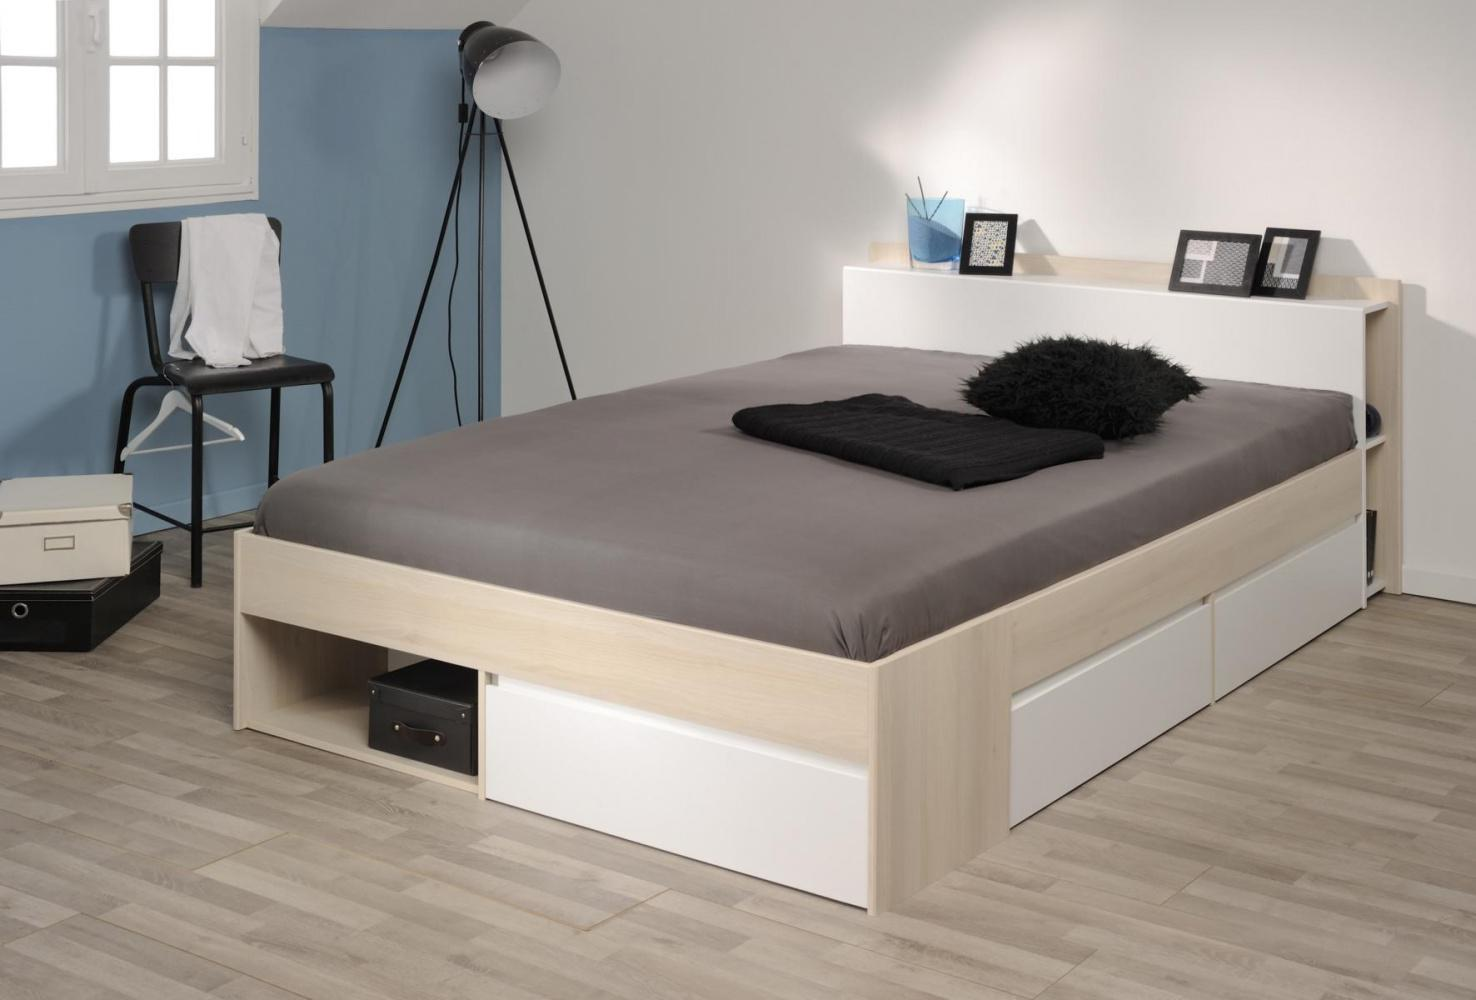 Parisot Most Schlafzimmer Set Liegefläche 140x200 - Kaufen bei Möbel-Lux